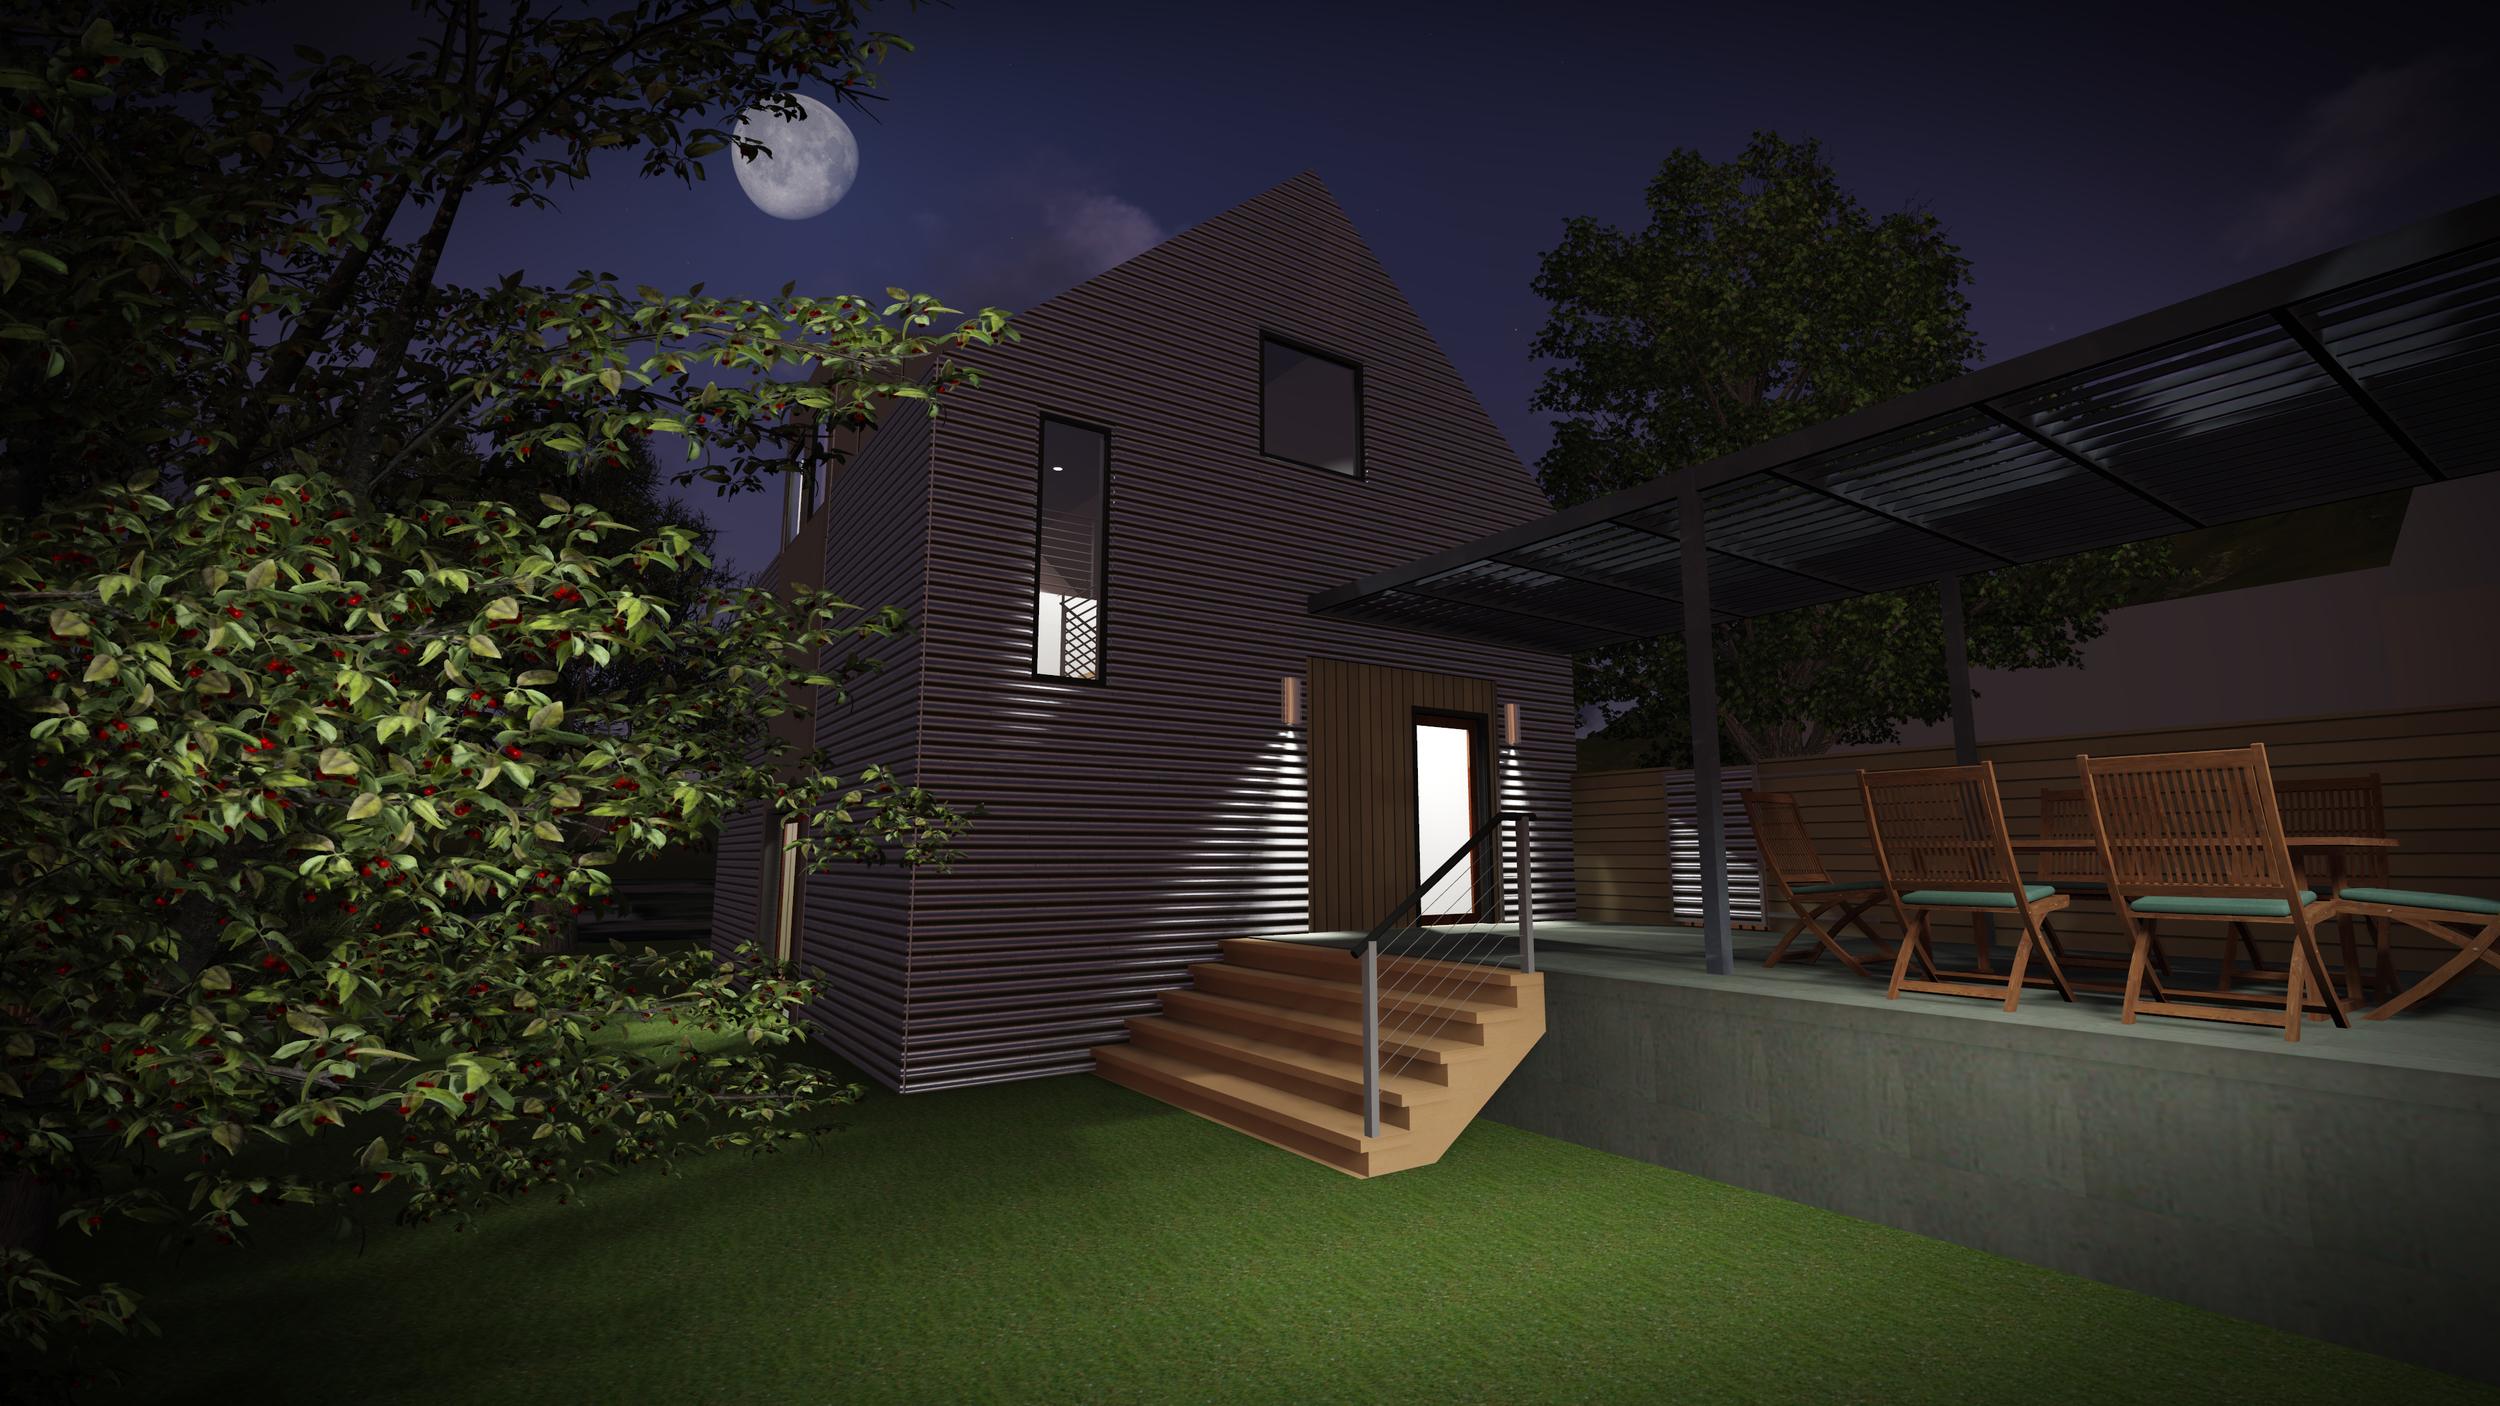 SE-Exterior-night.jpg